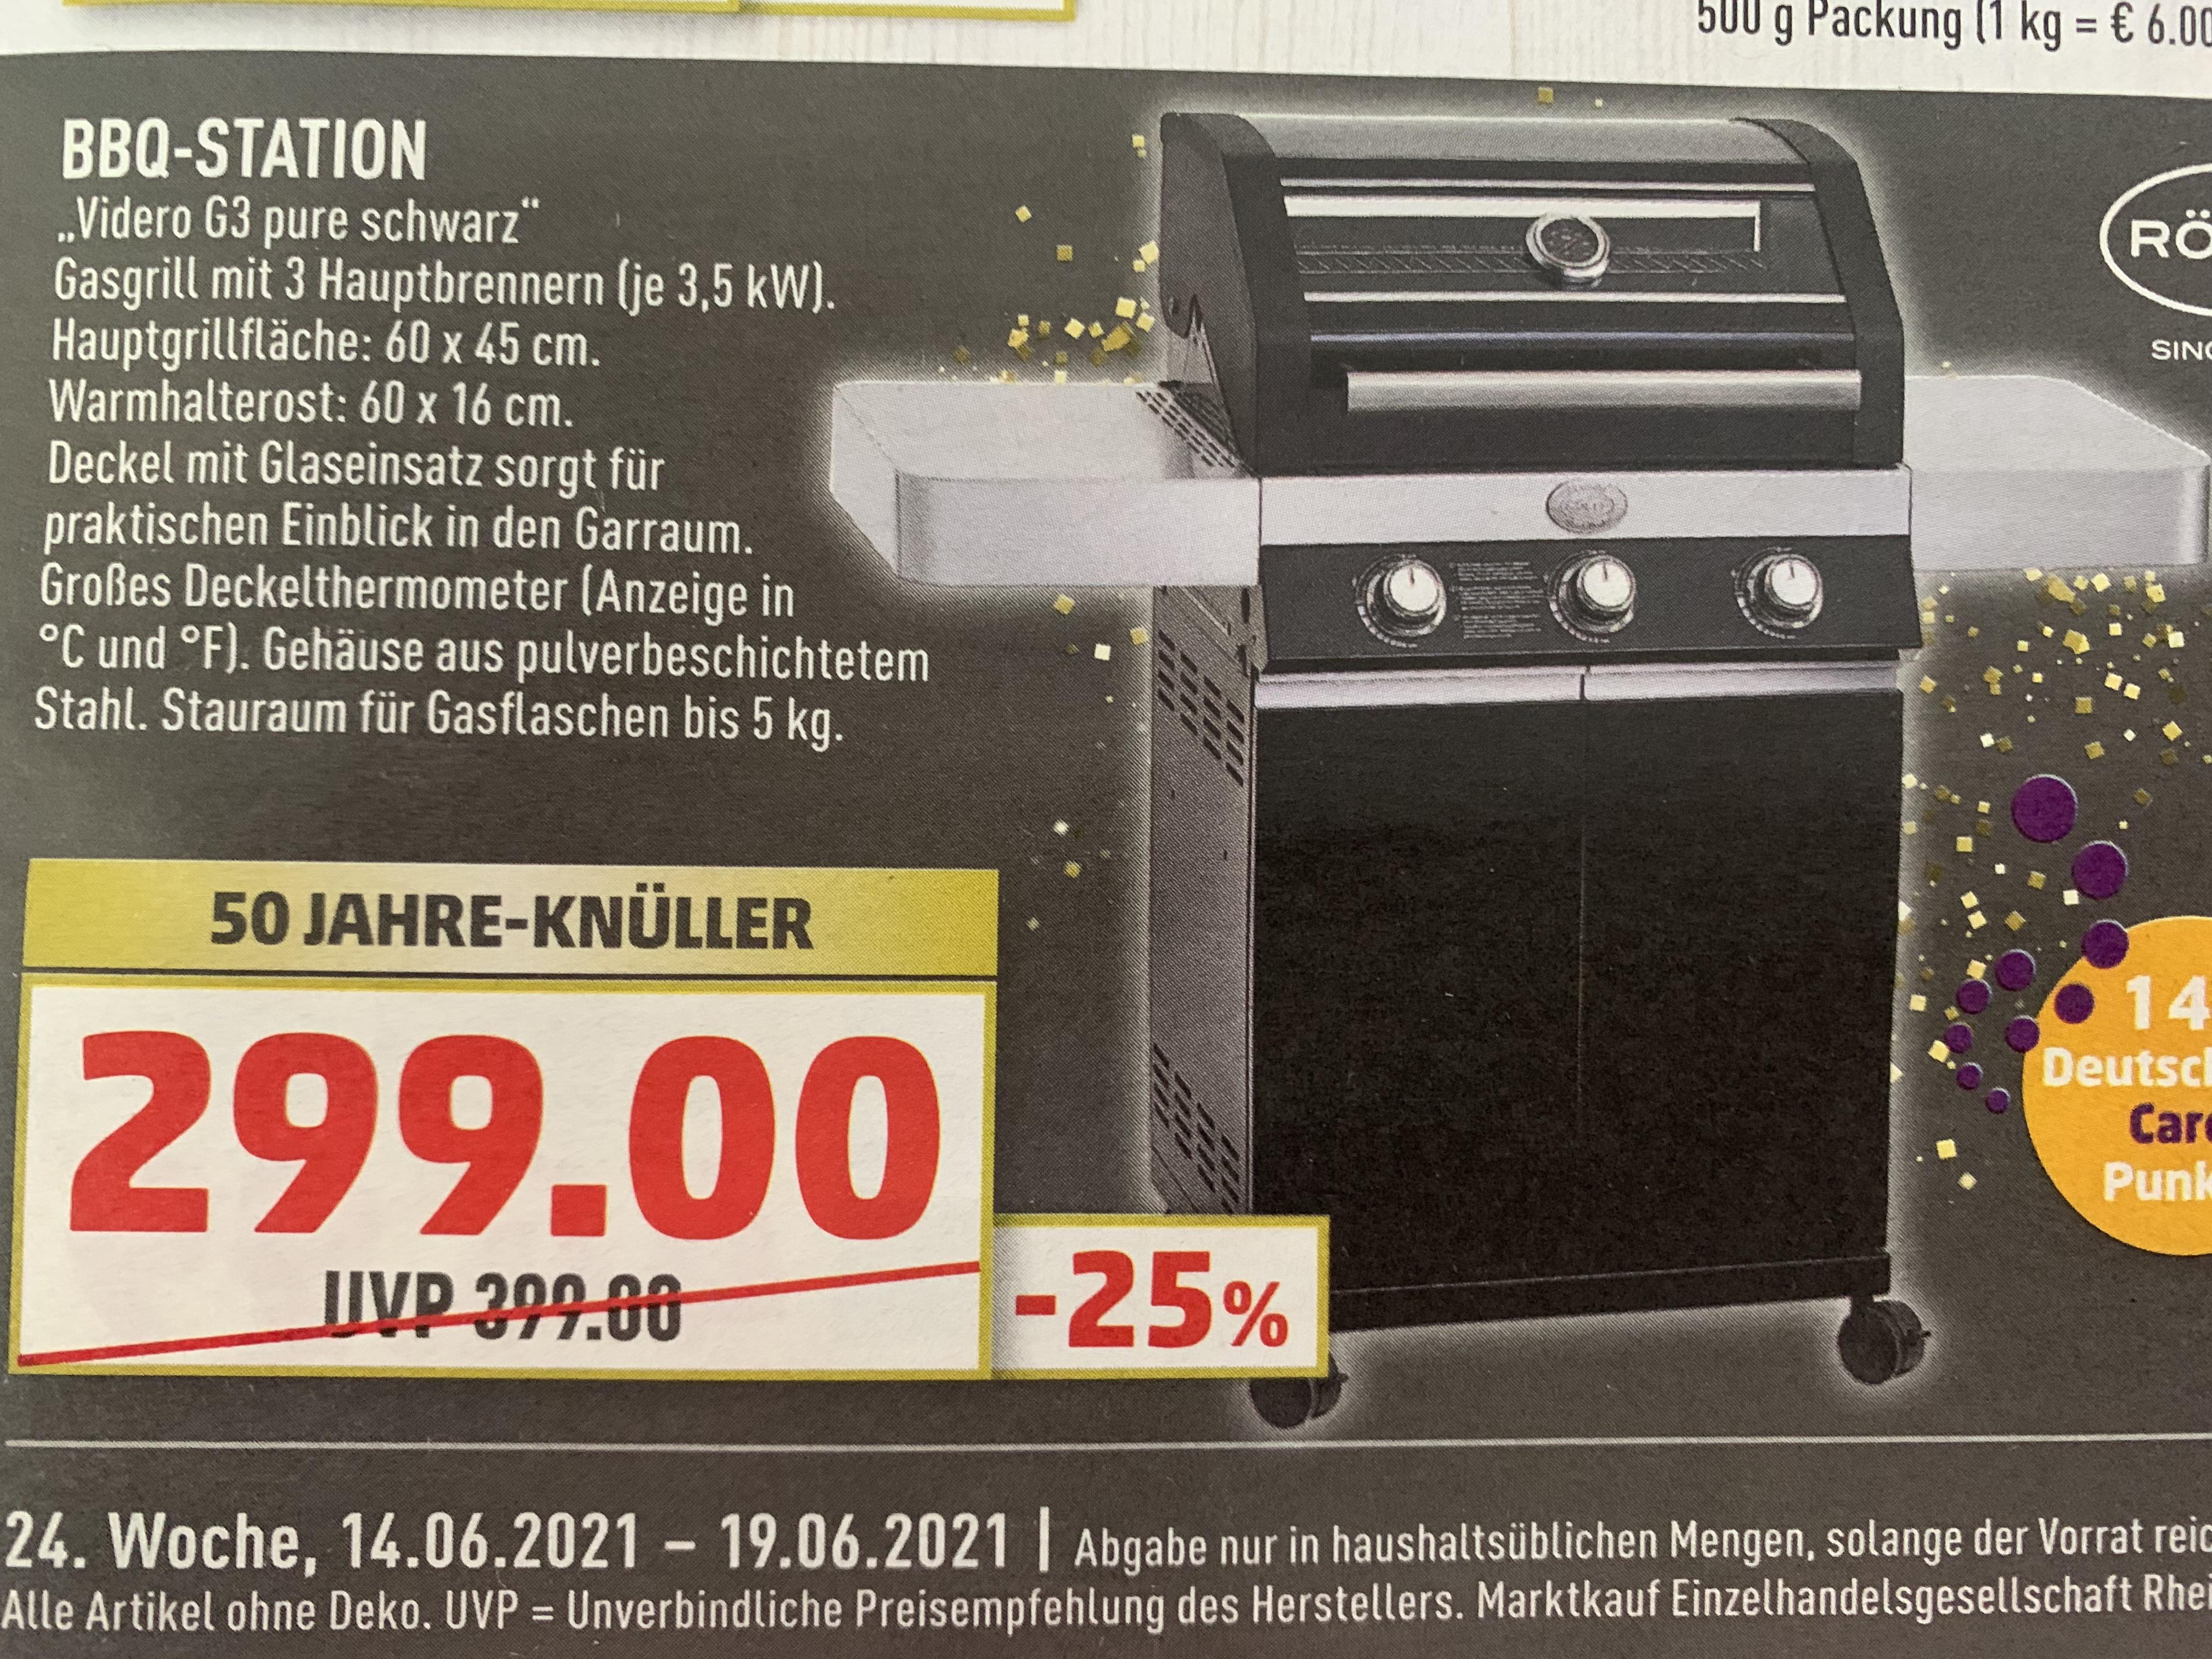 Marktkauf RÖSLE BBQ Station Videro G3 pure schwarz